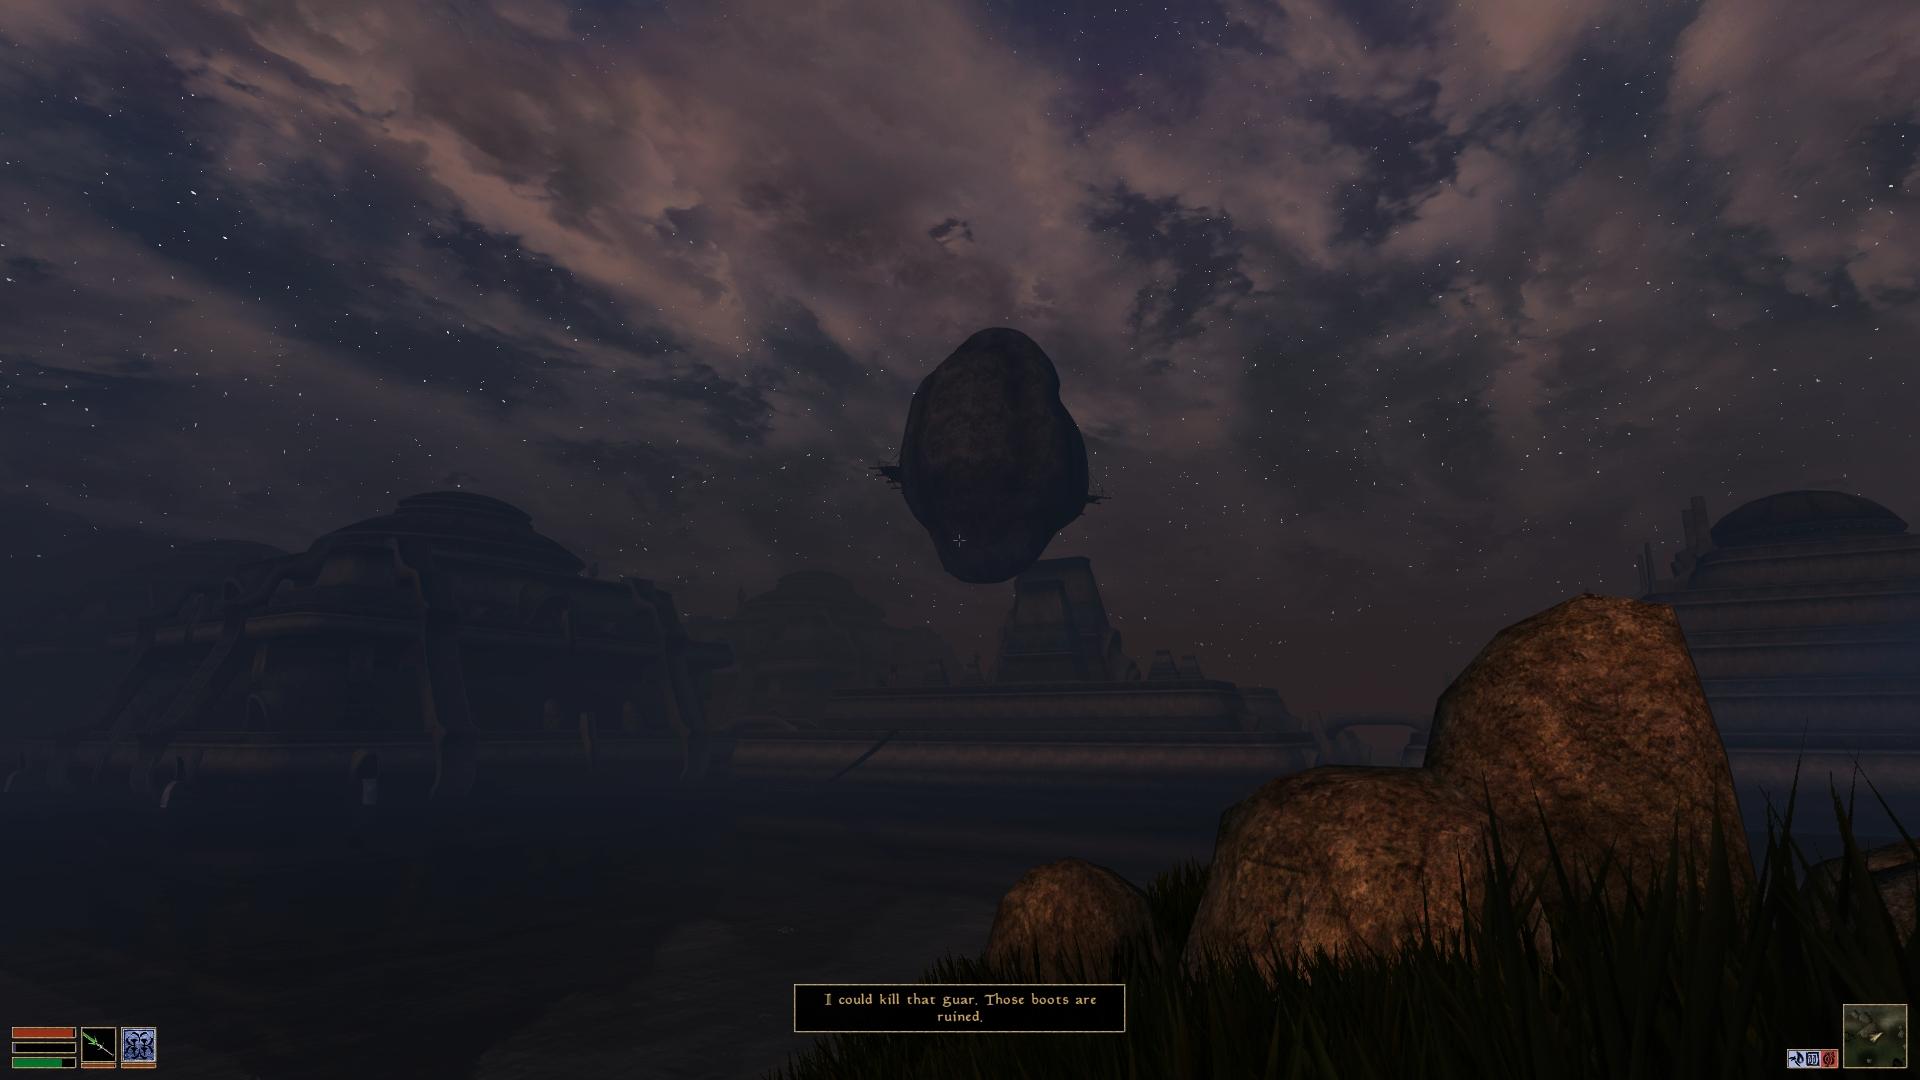 Morrowind_2019_10_12_12_28_59_069.jpg